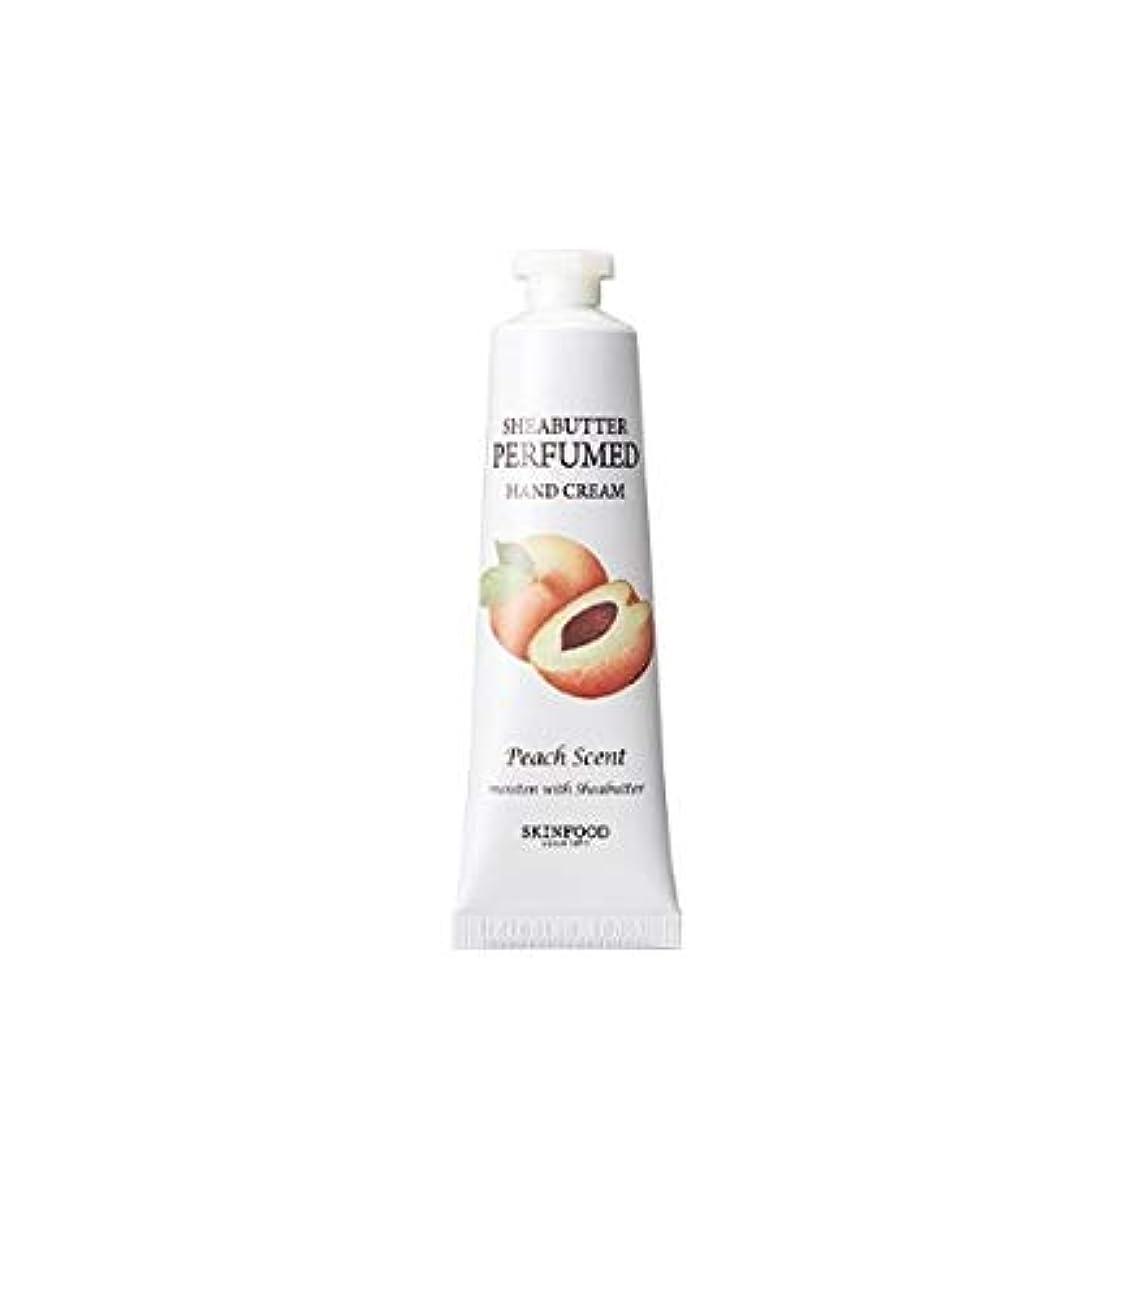 タイマー関連付ける治すSkinfood シアバター香水ハンドクリーム#ピッチ/Shea Butter Perfumed Hand Cream #Pitch 30ml [並行輸入品]